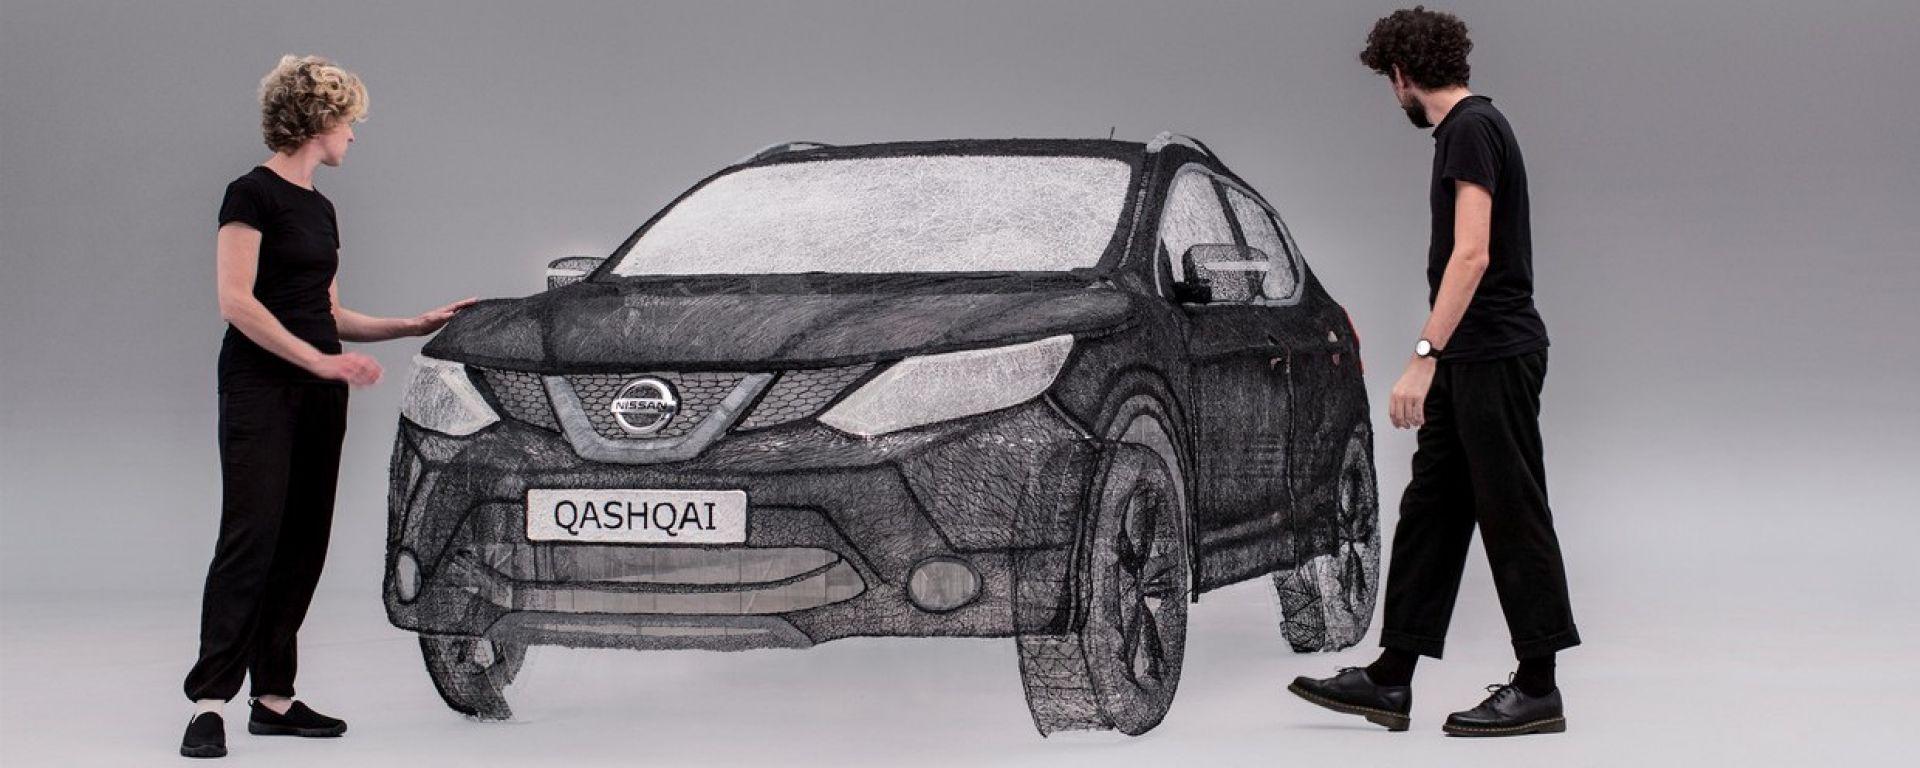 Nissan Qashqai: l'hanno fatta con la penna 3D Doodler